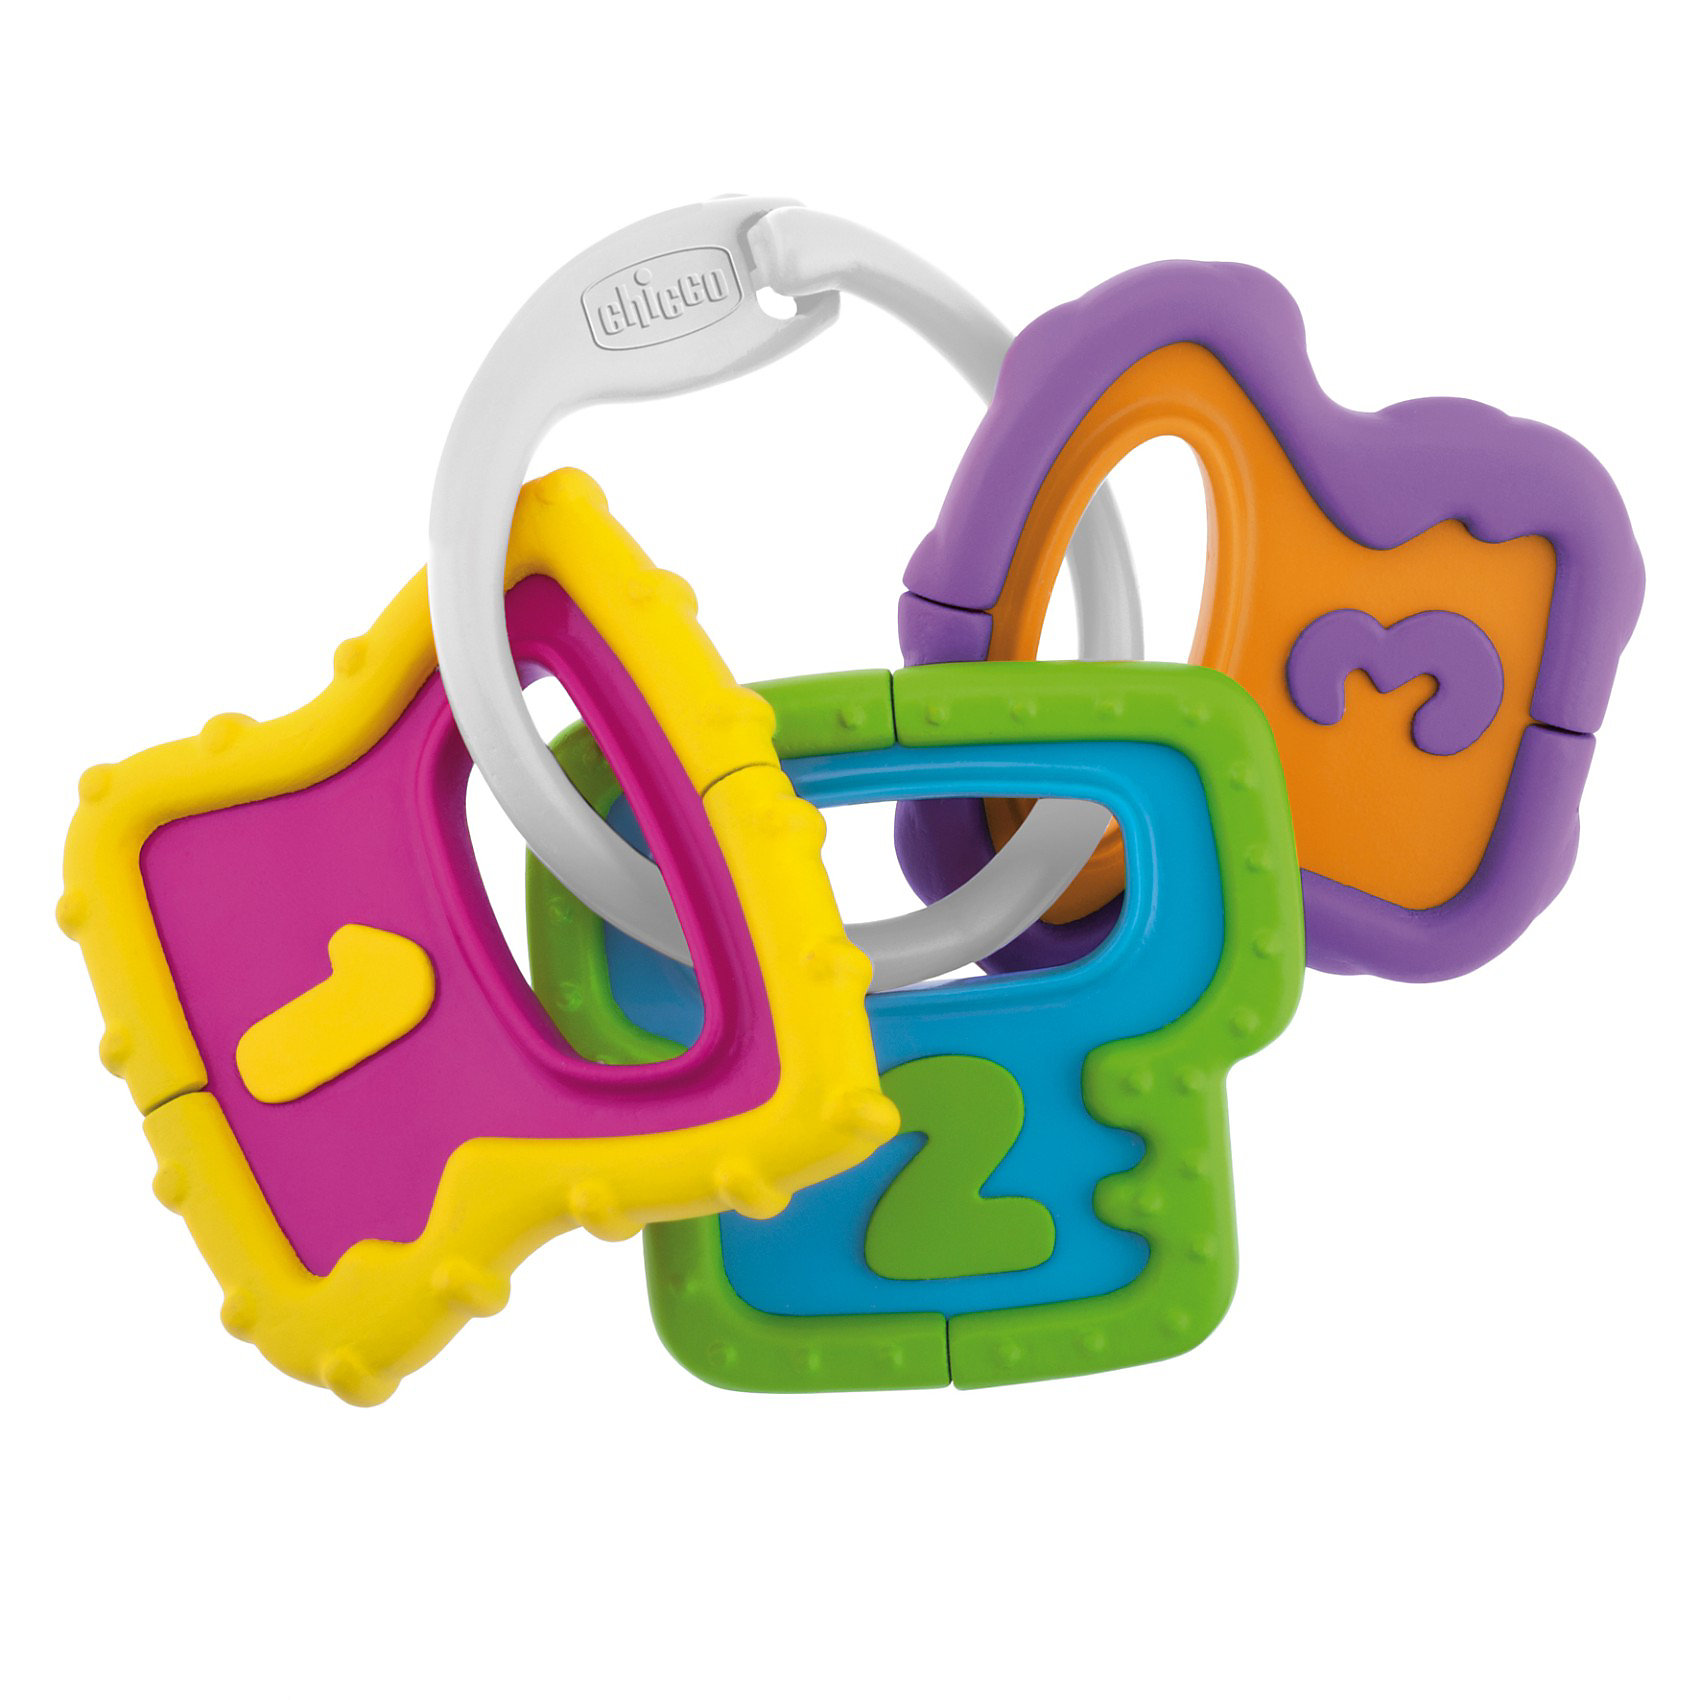 Погремушка Ключики, ChiccoПогремушка Ключики, Chicco (Чико) – эта забавная погремушка-прорезыватель привлечет внимание вашего малыша и не позволит ему скучать!<br>Набор удобных для рук ключей состоит из 3 подвесок в форме ключей, с тщательно проработанным рельефом и в контрастных цветах. На каждом ключике имеется выпуклая цифра: 1, 2, 3. Когда ребенок будет трясти их, он услышит приятный стук. А когда зубки начнут резаться, ключики можно погрызть для облегчения зуда. Малыш сможет перебирать ключики, что способствует развитию мелкой моторики.<br><br>Дополнительная информация:<br><br>- Материал: высококачественный пластик<br>- Размер упаковки: 21 x 16,5 x 3,5 см.<br><br>Погремушку Ключики, Chicco (Чико) можно купить в нашем интернет-магазине.<br><br>Ширина мм: 208<br>Глубина мм: 164<br>Высота мм: 33<br>Вес г: 79<br>Возраст от месяцев: 3<br>Возраст до месяцев: 12<br>Пол: Унисекс<br>Возраст: Детский<br>SKU: 3587122